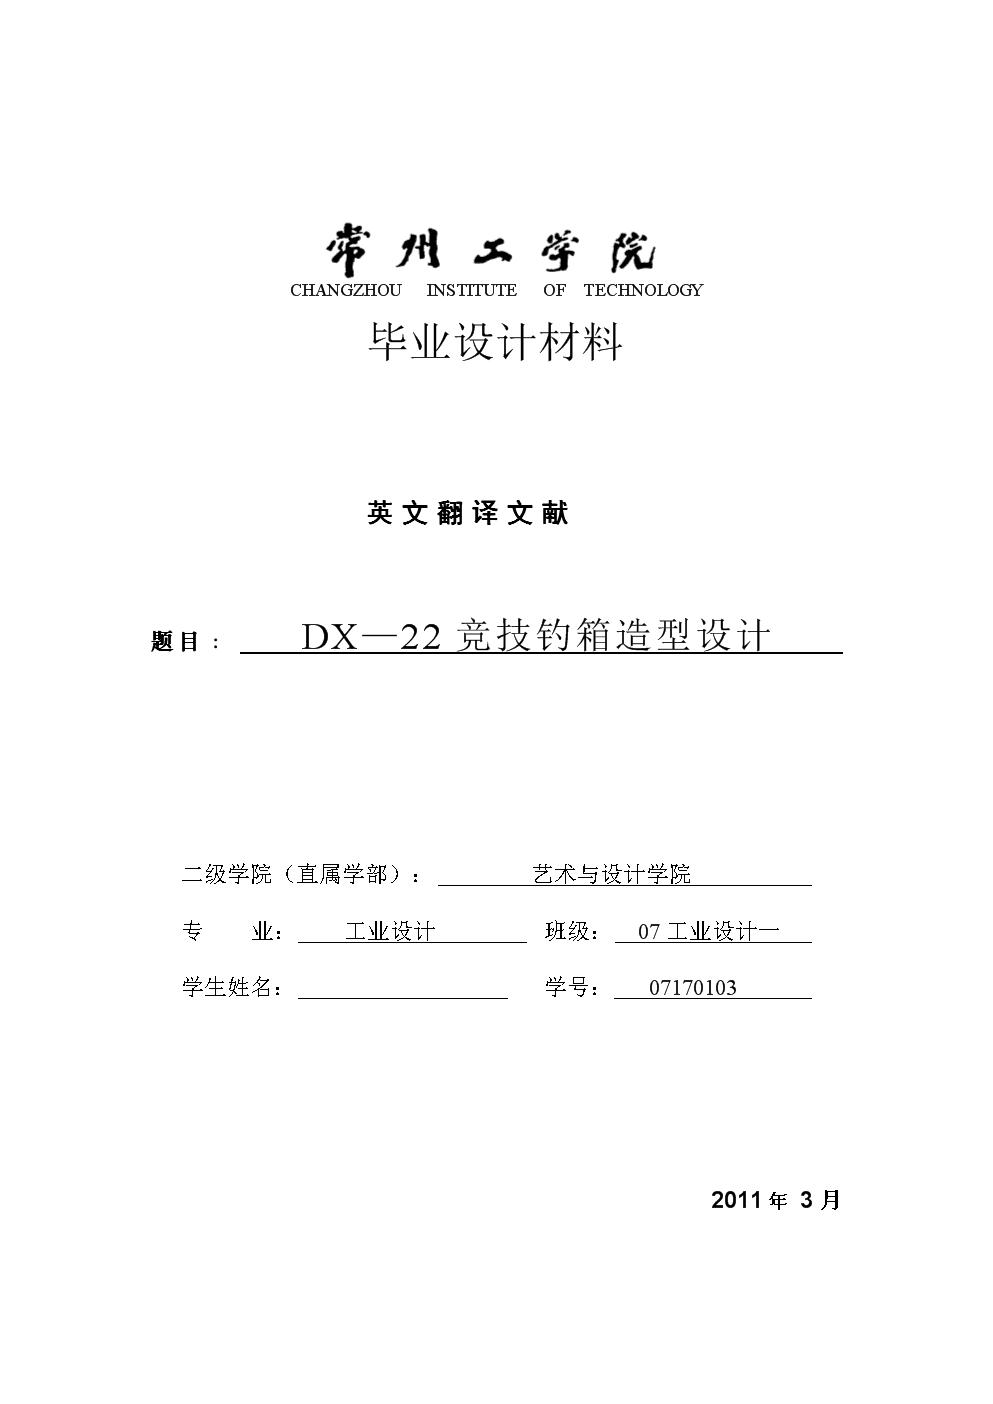 《工业设计外文翻译--DX—22竞技钓箱造型设计》-毕业设计(论文).doc